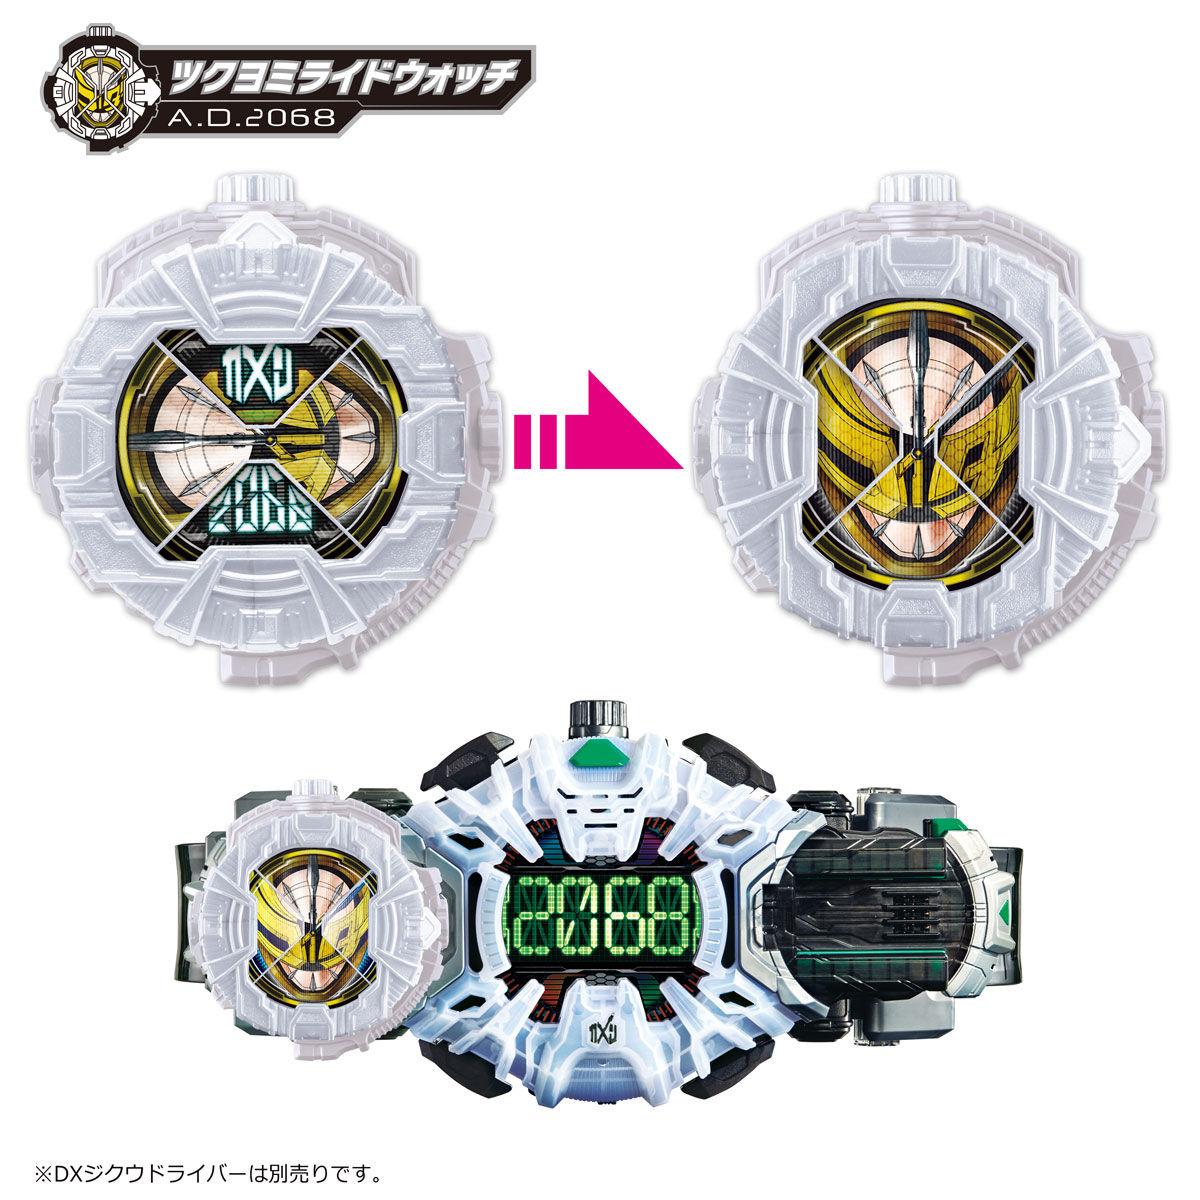 【限定販売】仮面ライダージオウ『DXメモリアルライドウォッチセット』変身なりきり-011